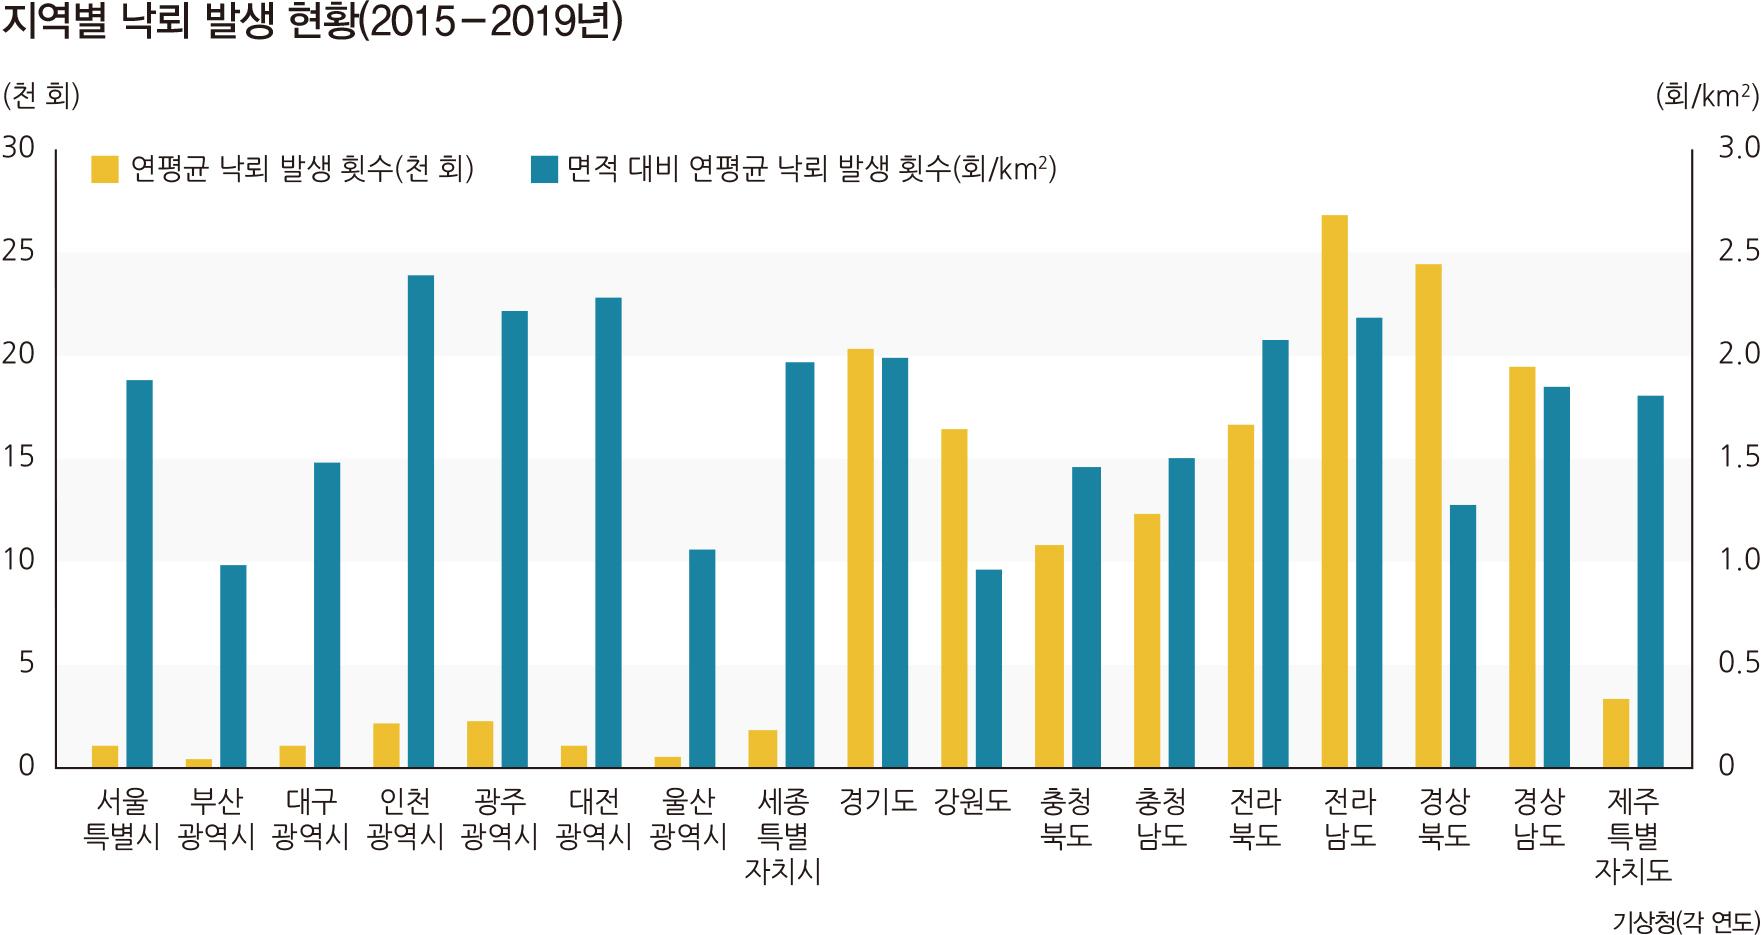 지역별 낙뢰 발생 현황(2015-2019년)